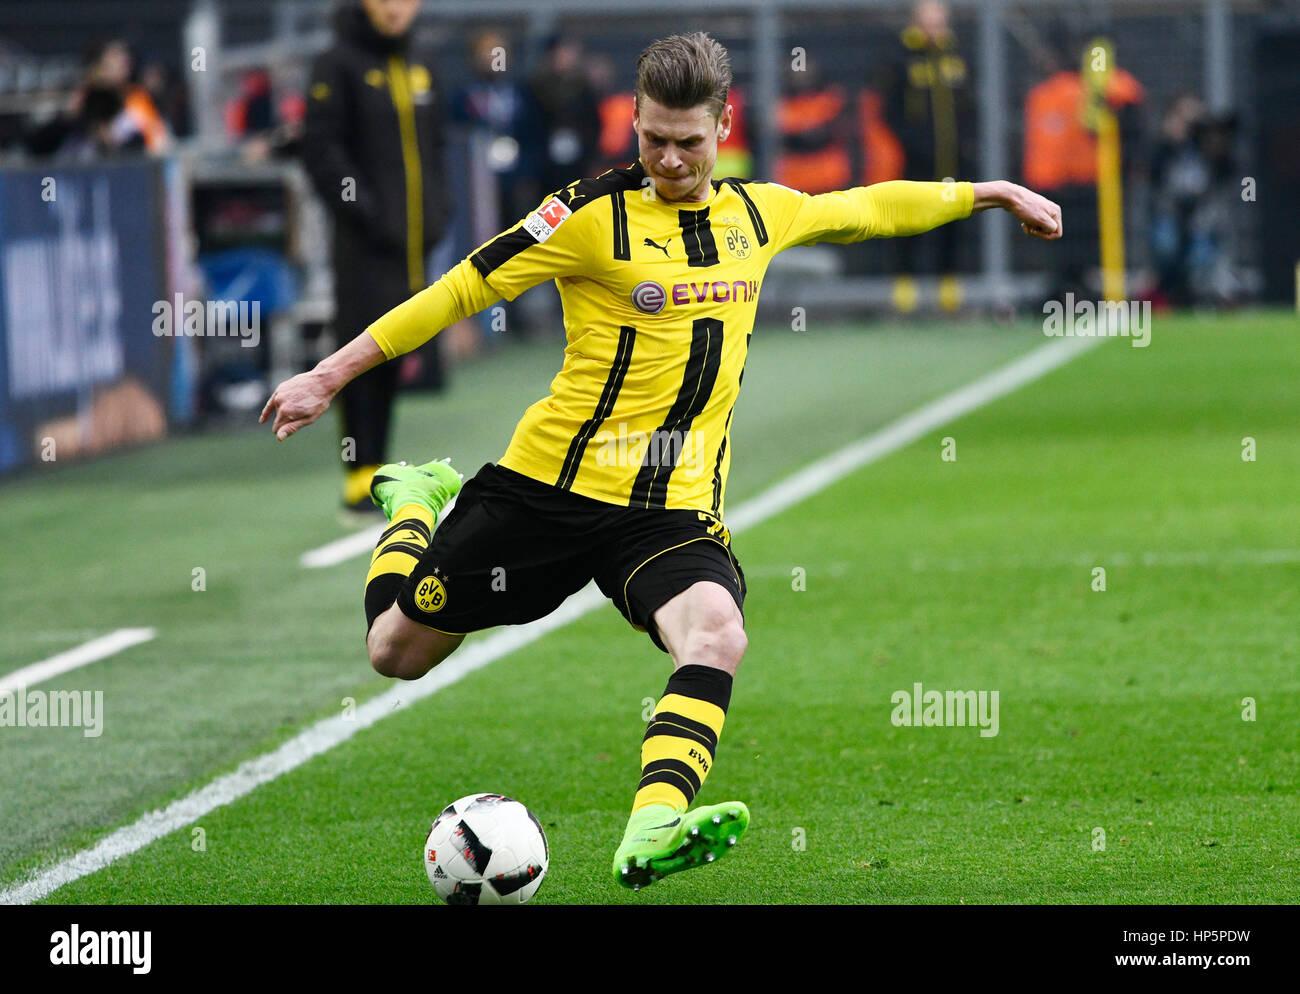 Parque Signal-Iduna, Dortmund, Alemania. 18 de febrero, 2017. La temporada 2016/17 de la Bundesliga alemana de fútbol, Imagen De Stock